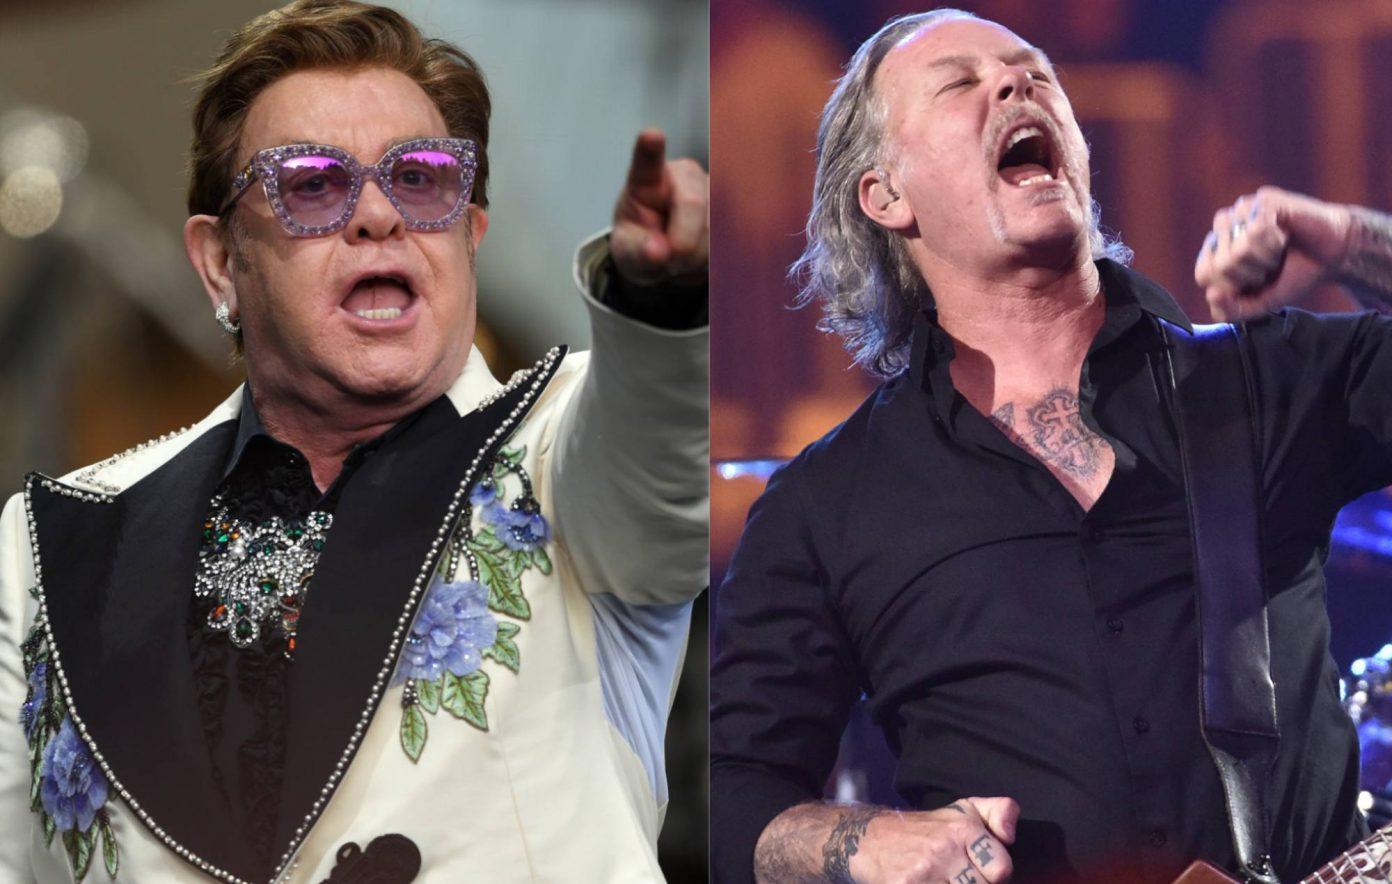 Elton John and Metallica